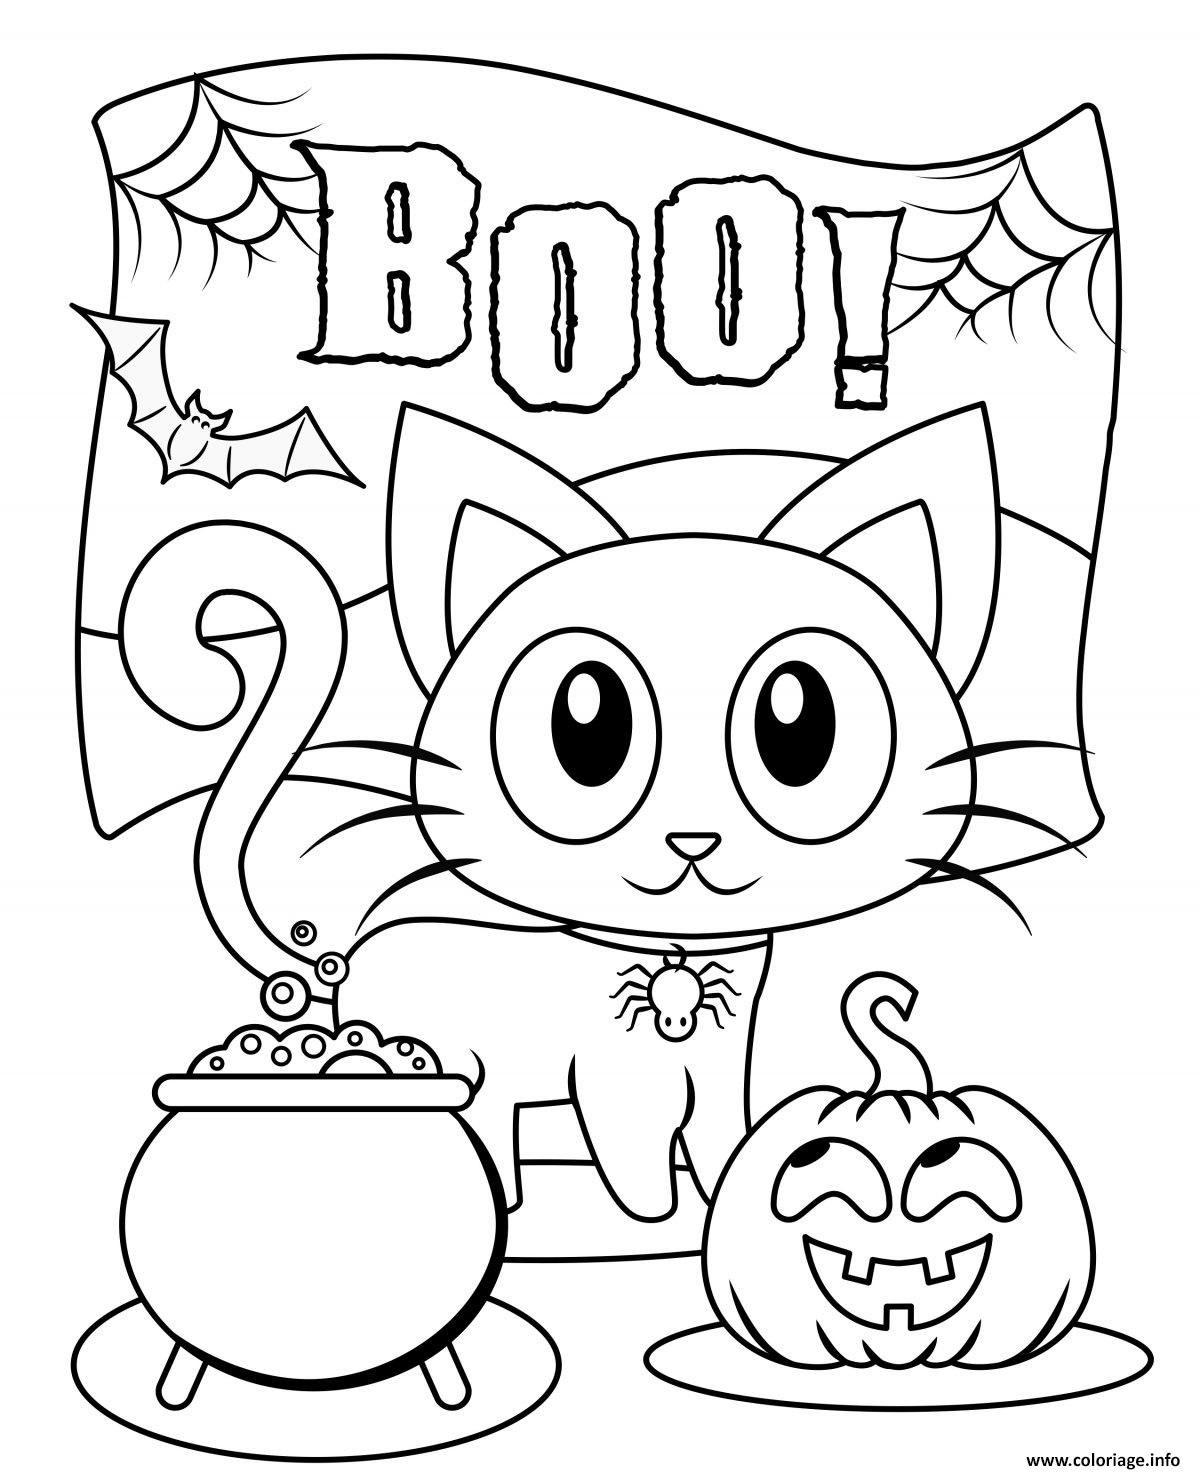 Coloriage Halloween Boo Chat noir citrouille à imprimer